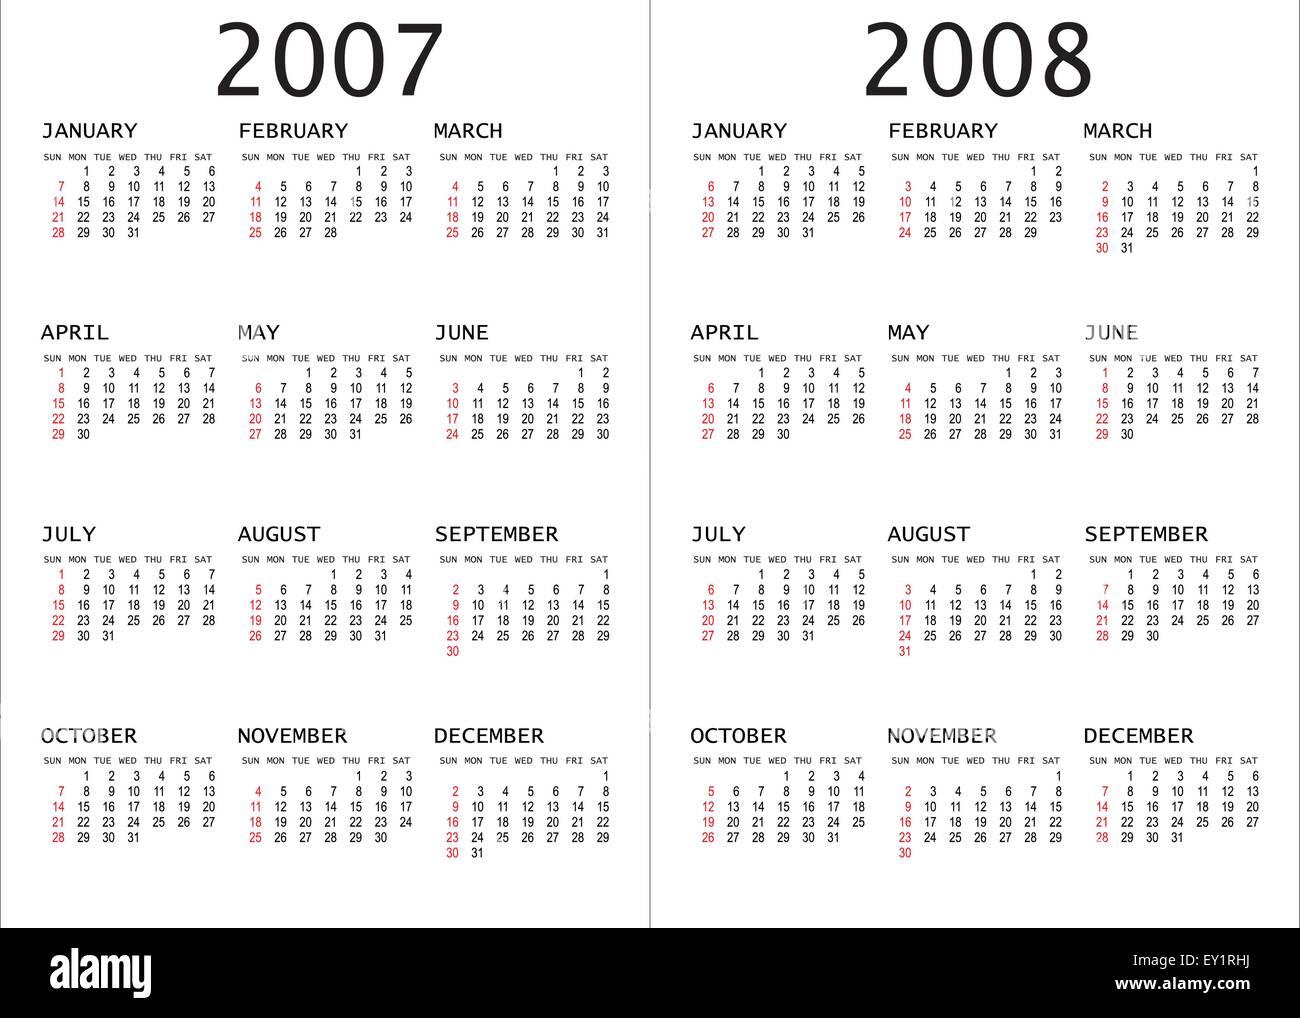 Calendario 2008.2007 2008 Calendar Vector Illustration Stock Vector Art